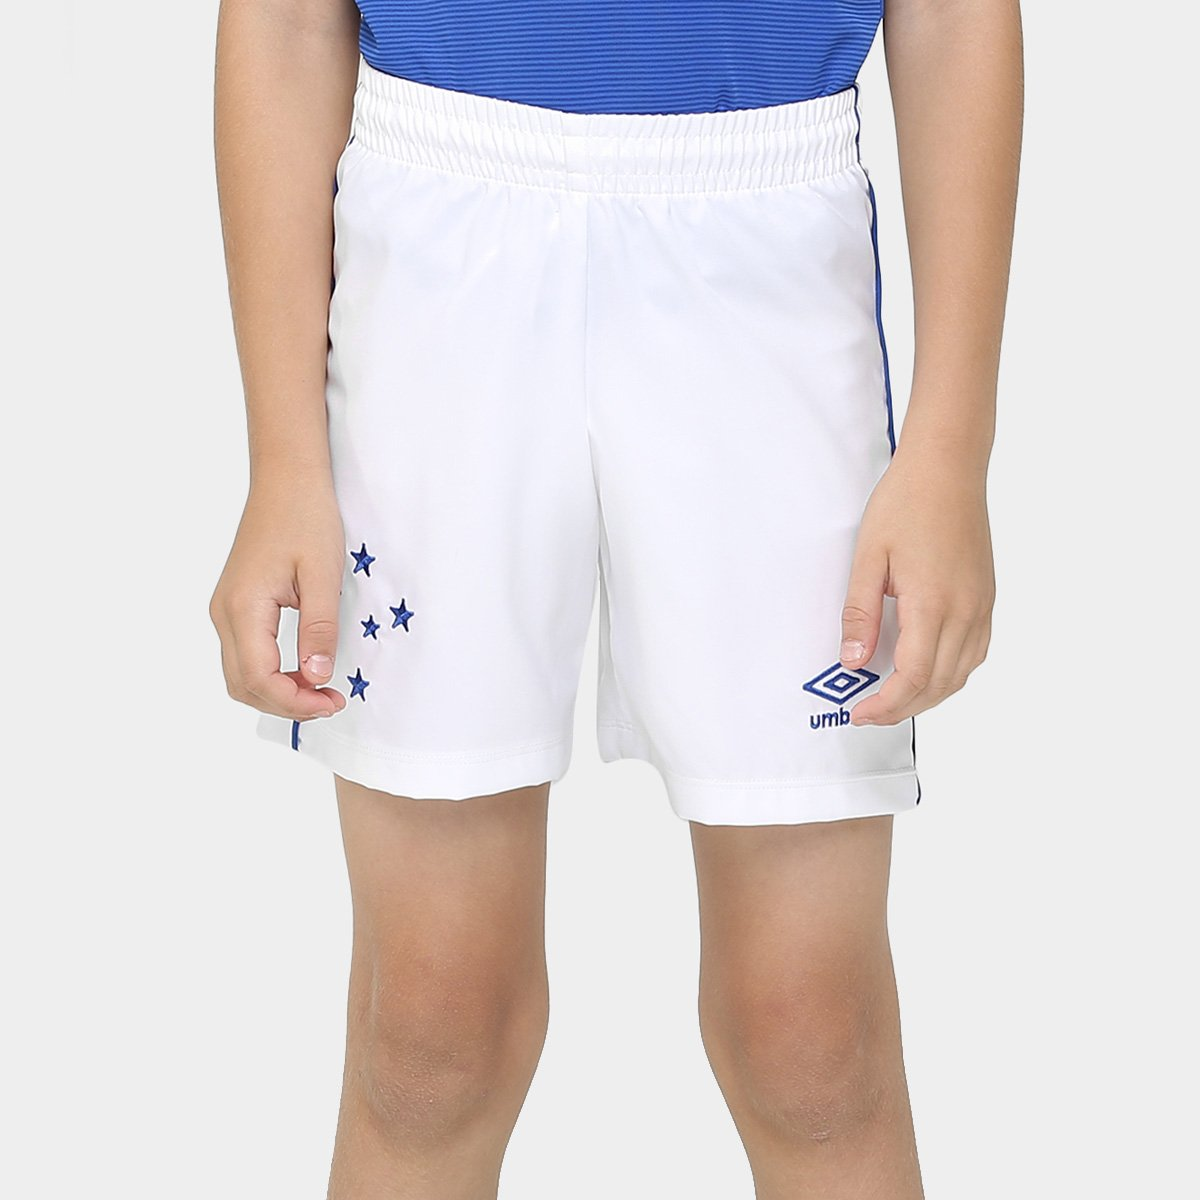 Kit Cruzeiro Infantil Umbro 2016 - Compre Agora  87e34f8693f9b